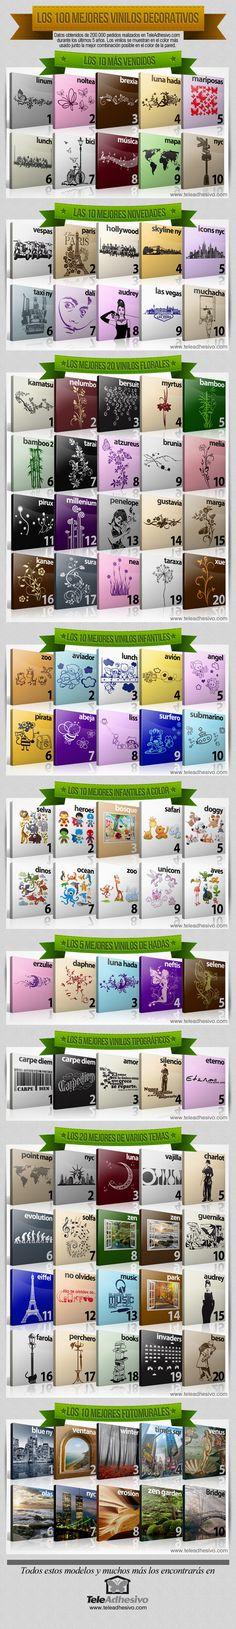 1000 images about top vinilos decorativos on pinterest for Donde se venden los vinilos decorativos